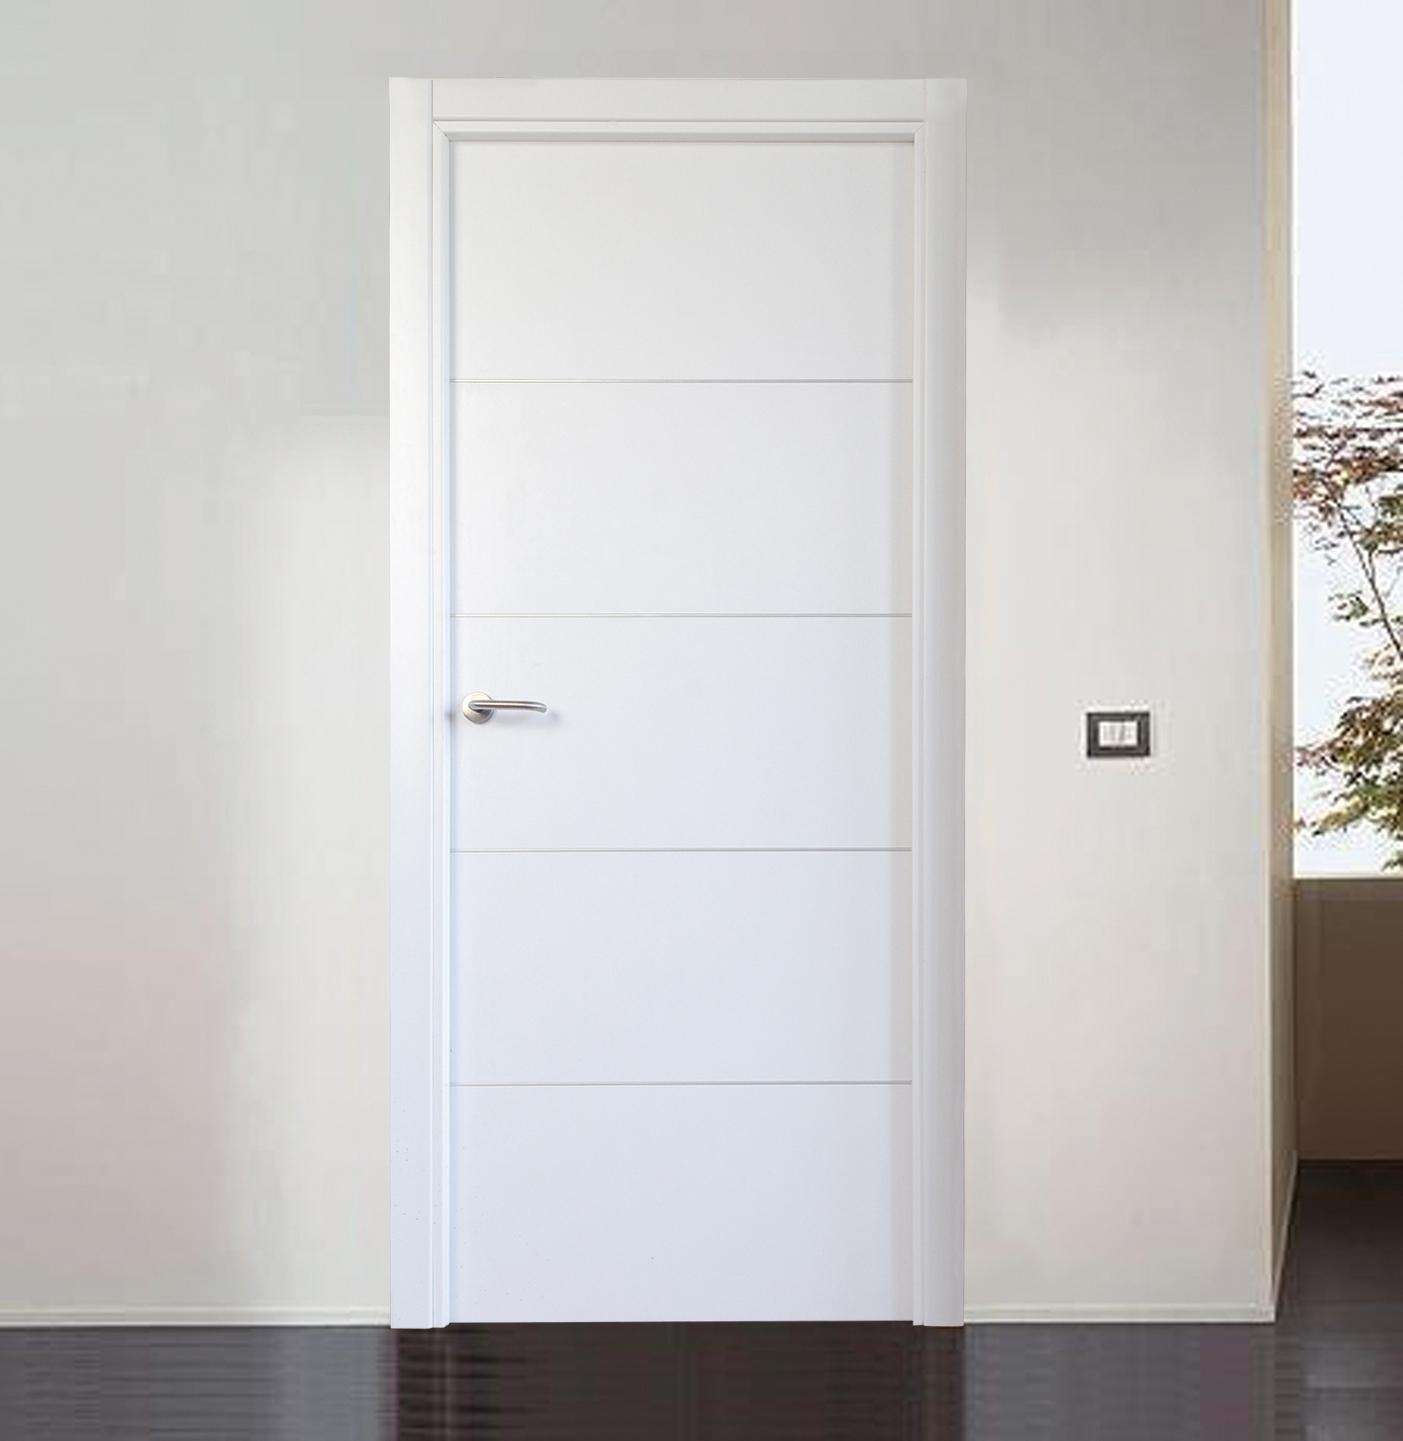 Lacar un mueble de madera great decoracin como pintar un - Como lacar un mueble de madera en blanco ...